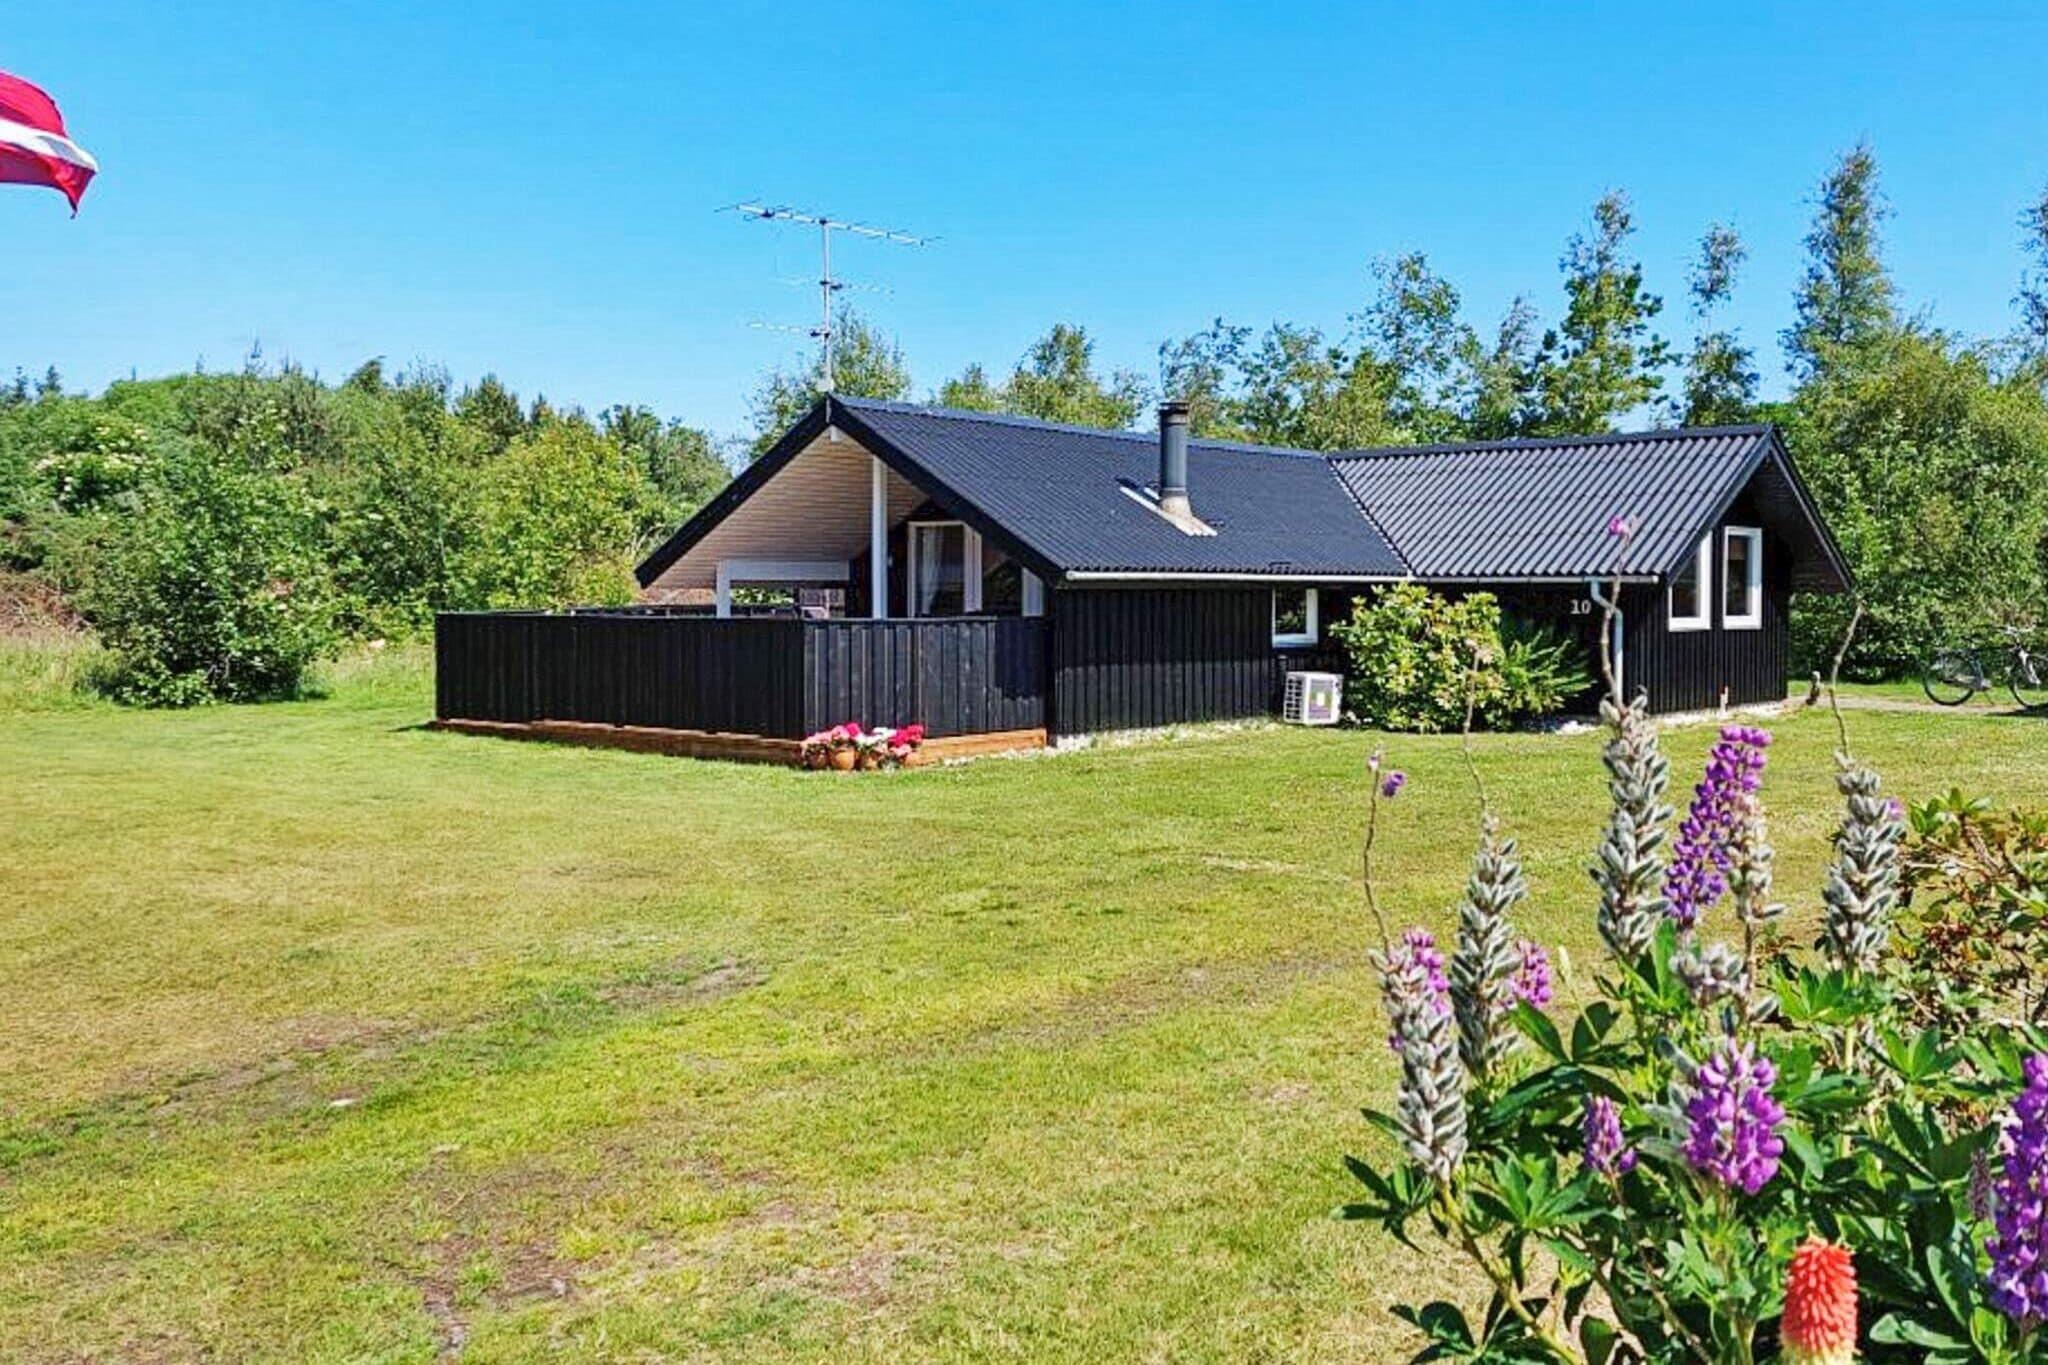 Lej sommerhus ved Strandby → Sommerhuse til leje i Strandby